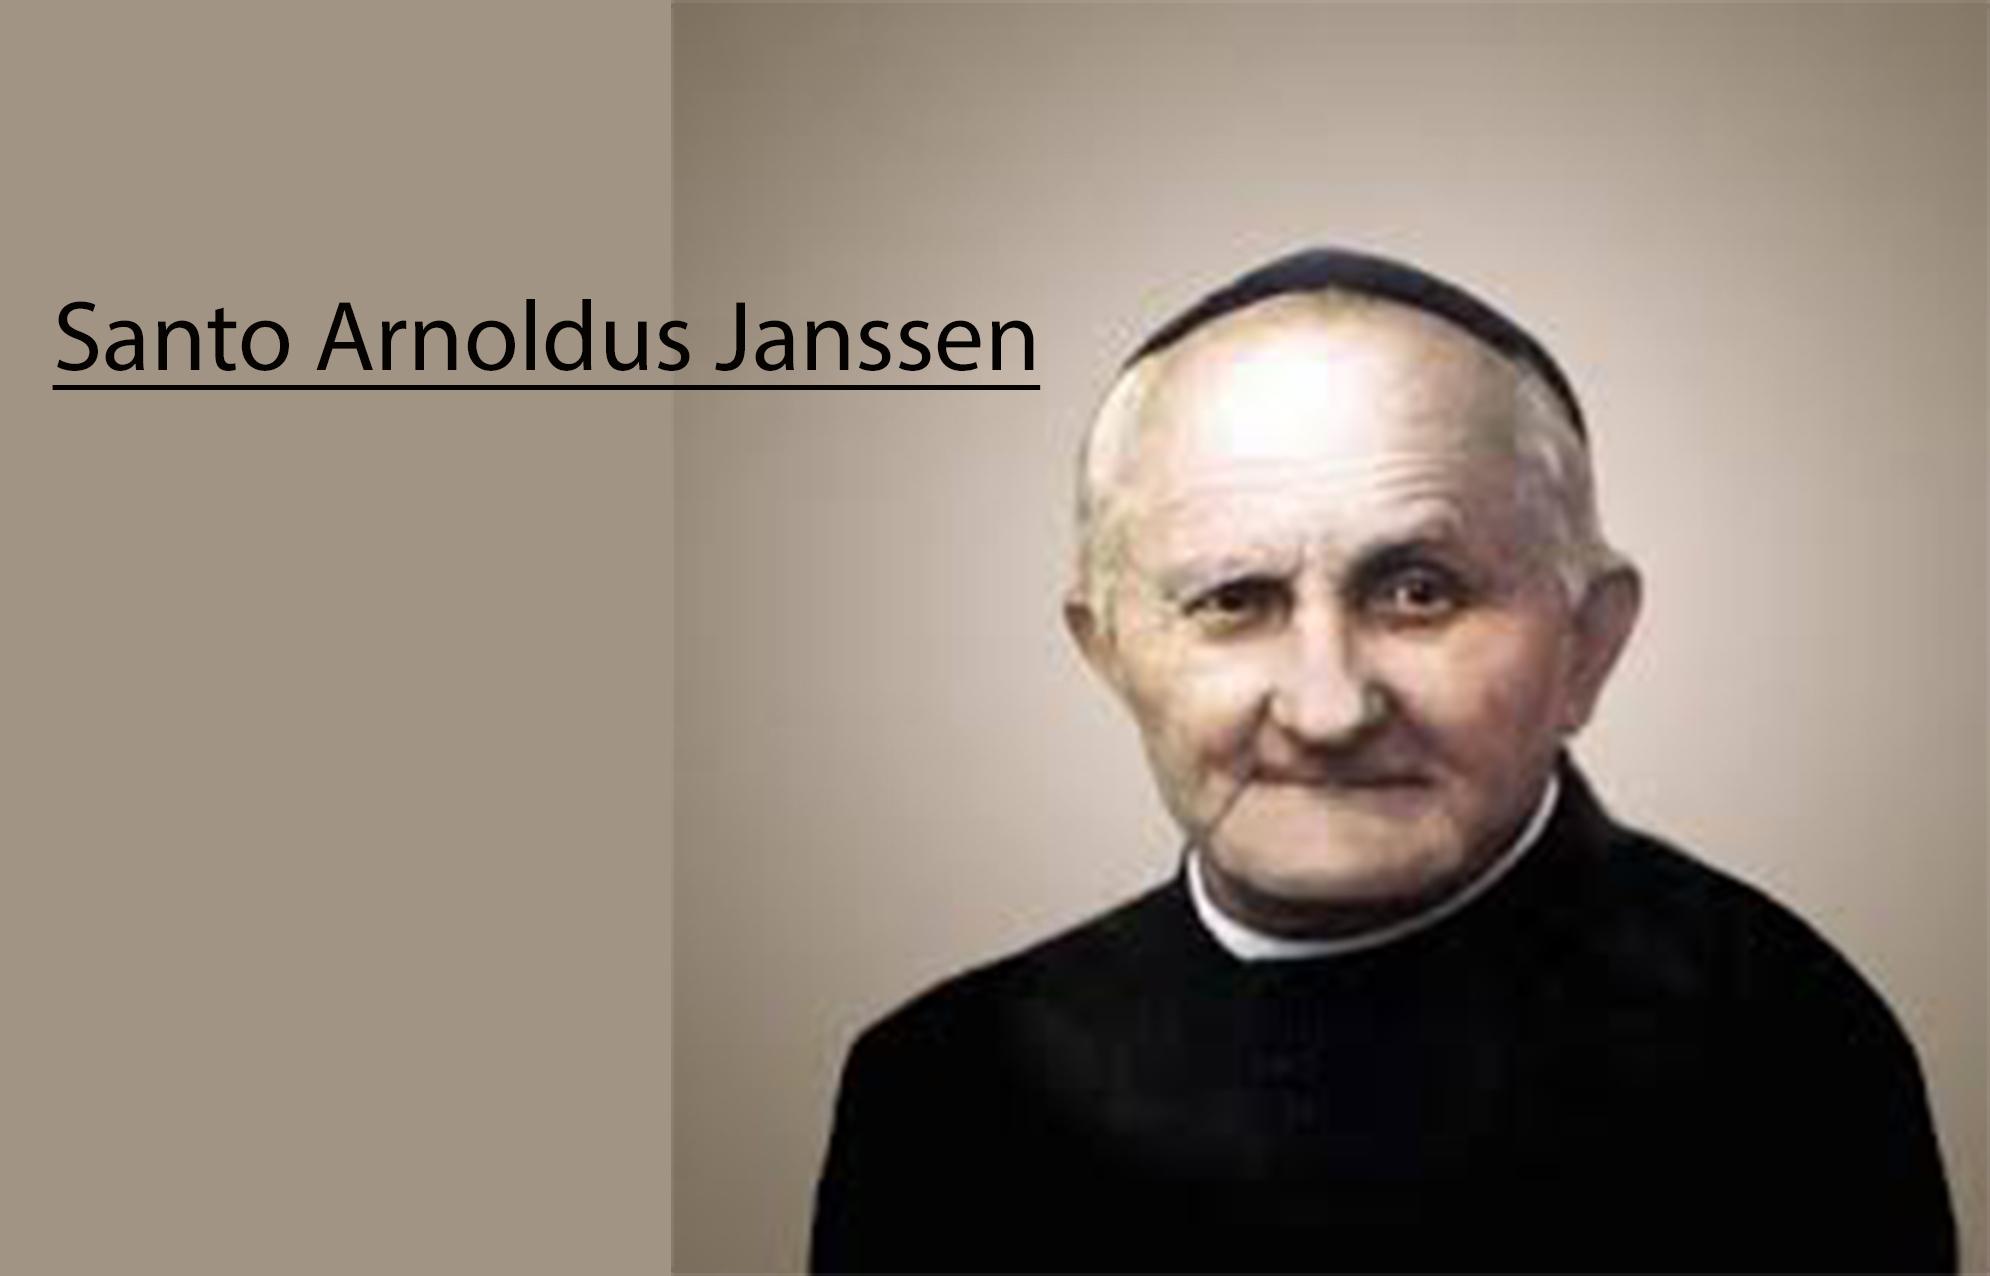 15 Januari, Santo Arnoldus Janssen, Santo Felix dari Nola, katekese, katolik, Komsos KWI, Konferensi Waligereja Indonesia, KWI, Para Kudus di Surga, putera allah, santo santa, Sukacita, teladan kita